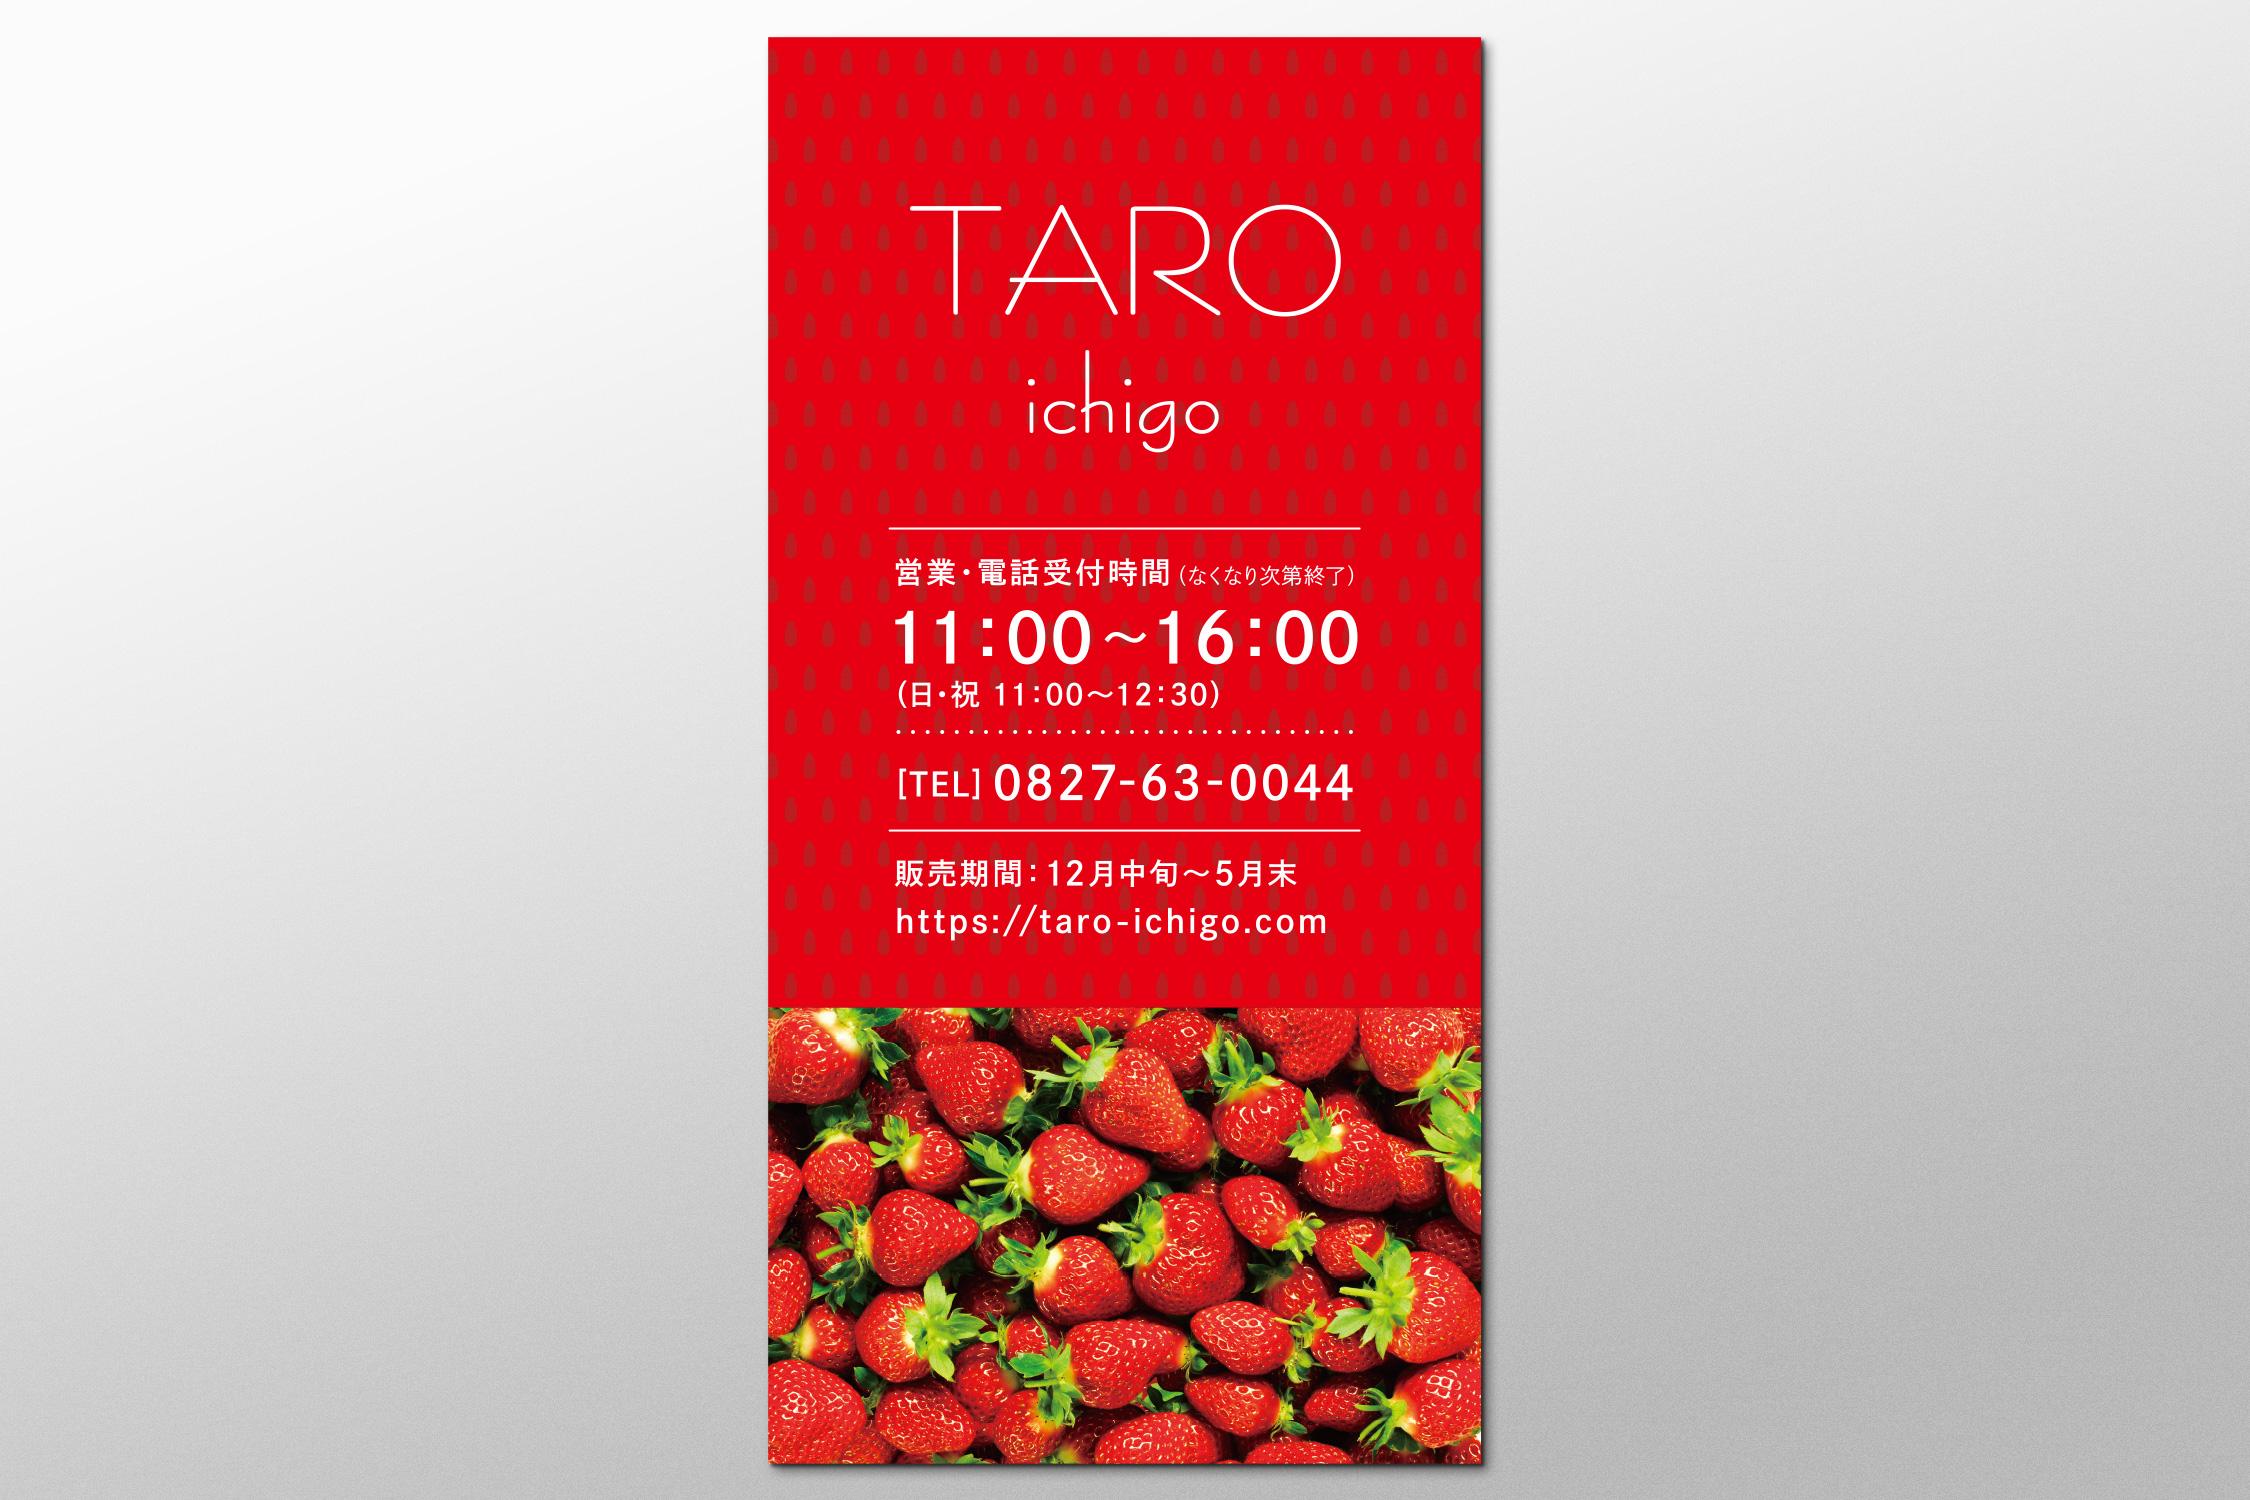 店頭看板 TARO